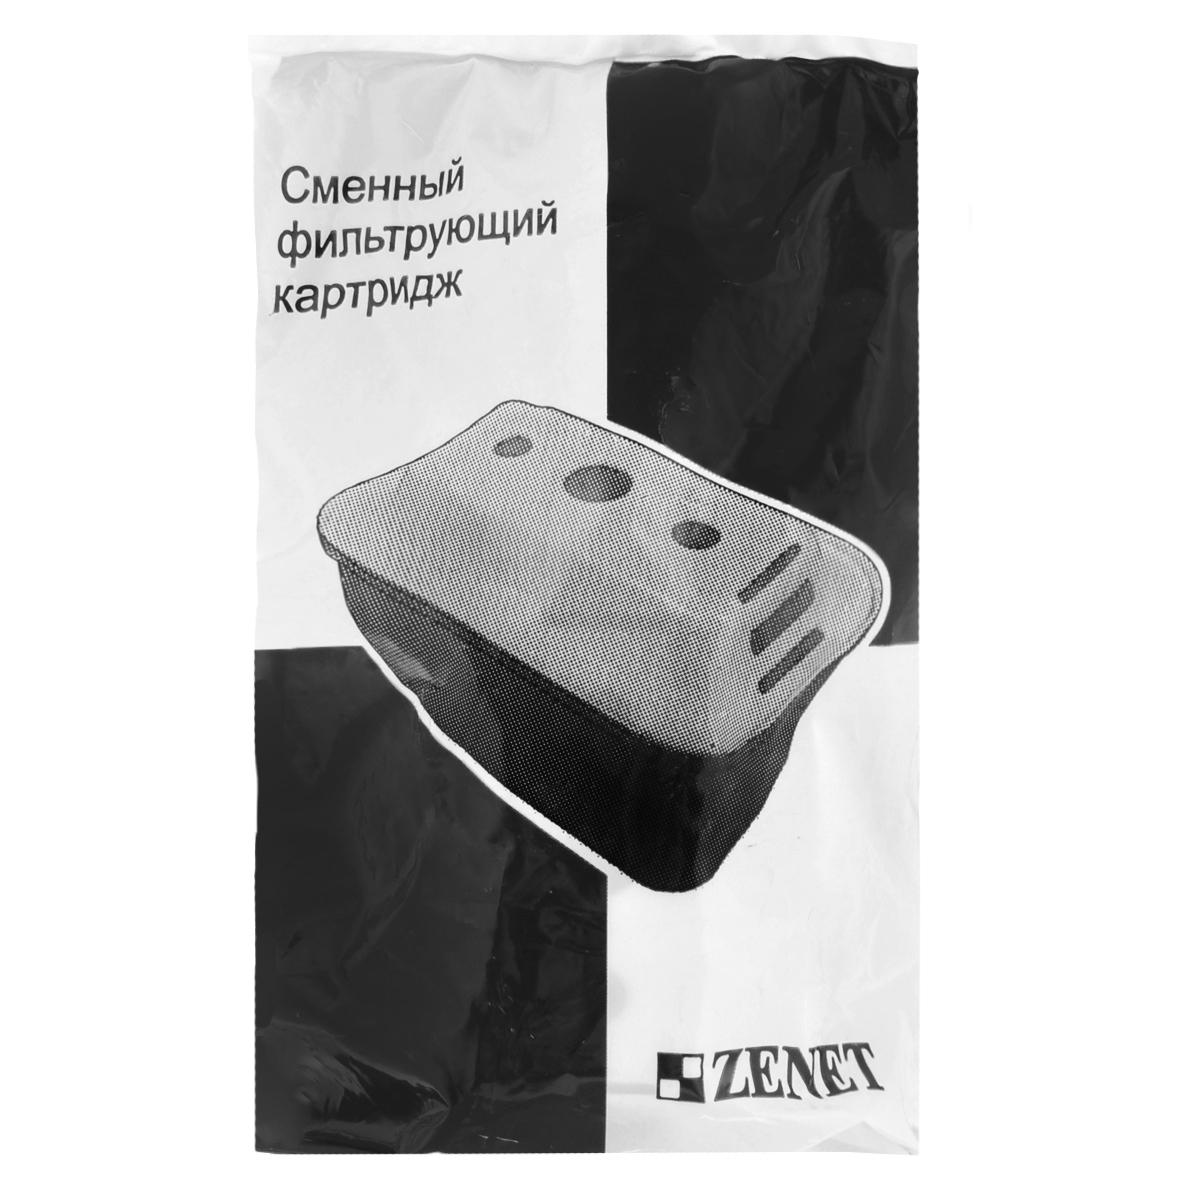 Картридж для фильтра-кувшина Zenet, сменный00000417Сменный картридж для кувшина Zenet, изготовлен из уникальных сорбционных материалов марки Zenet и задерживает вредные добавки и химические соединения, удаляет хлор, фенол, тяжелые металлы, пестициды. В состав картриджа входит кокосовый активированный уголь высшей очистки, который используется для очистки питьевой воды, удаления хлора и остаточных окислителей. Для фильтрации воды поместите картридж-фильтр в фильтр-кувшин и профильтруйте воду не менее двух раз, сливая воду в раковину. Ресурс картриджа: 300 литров.